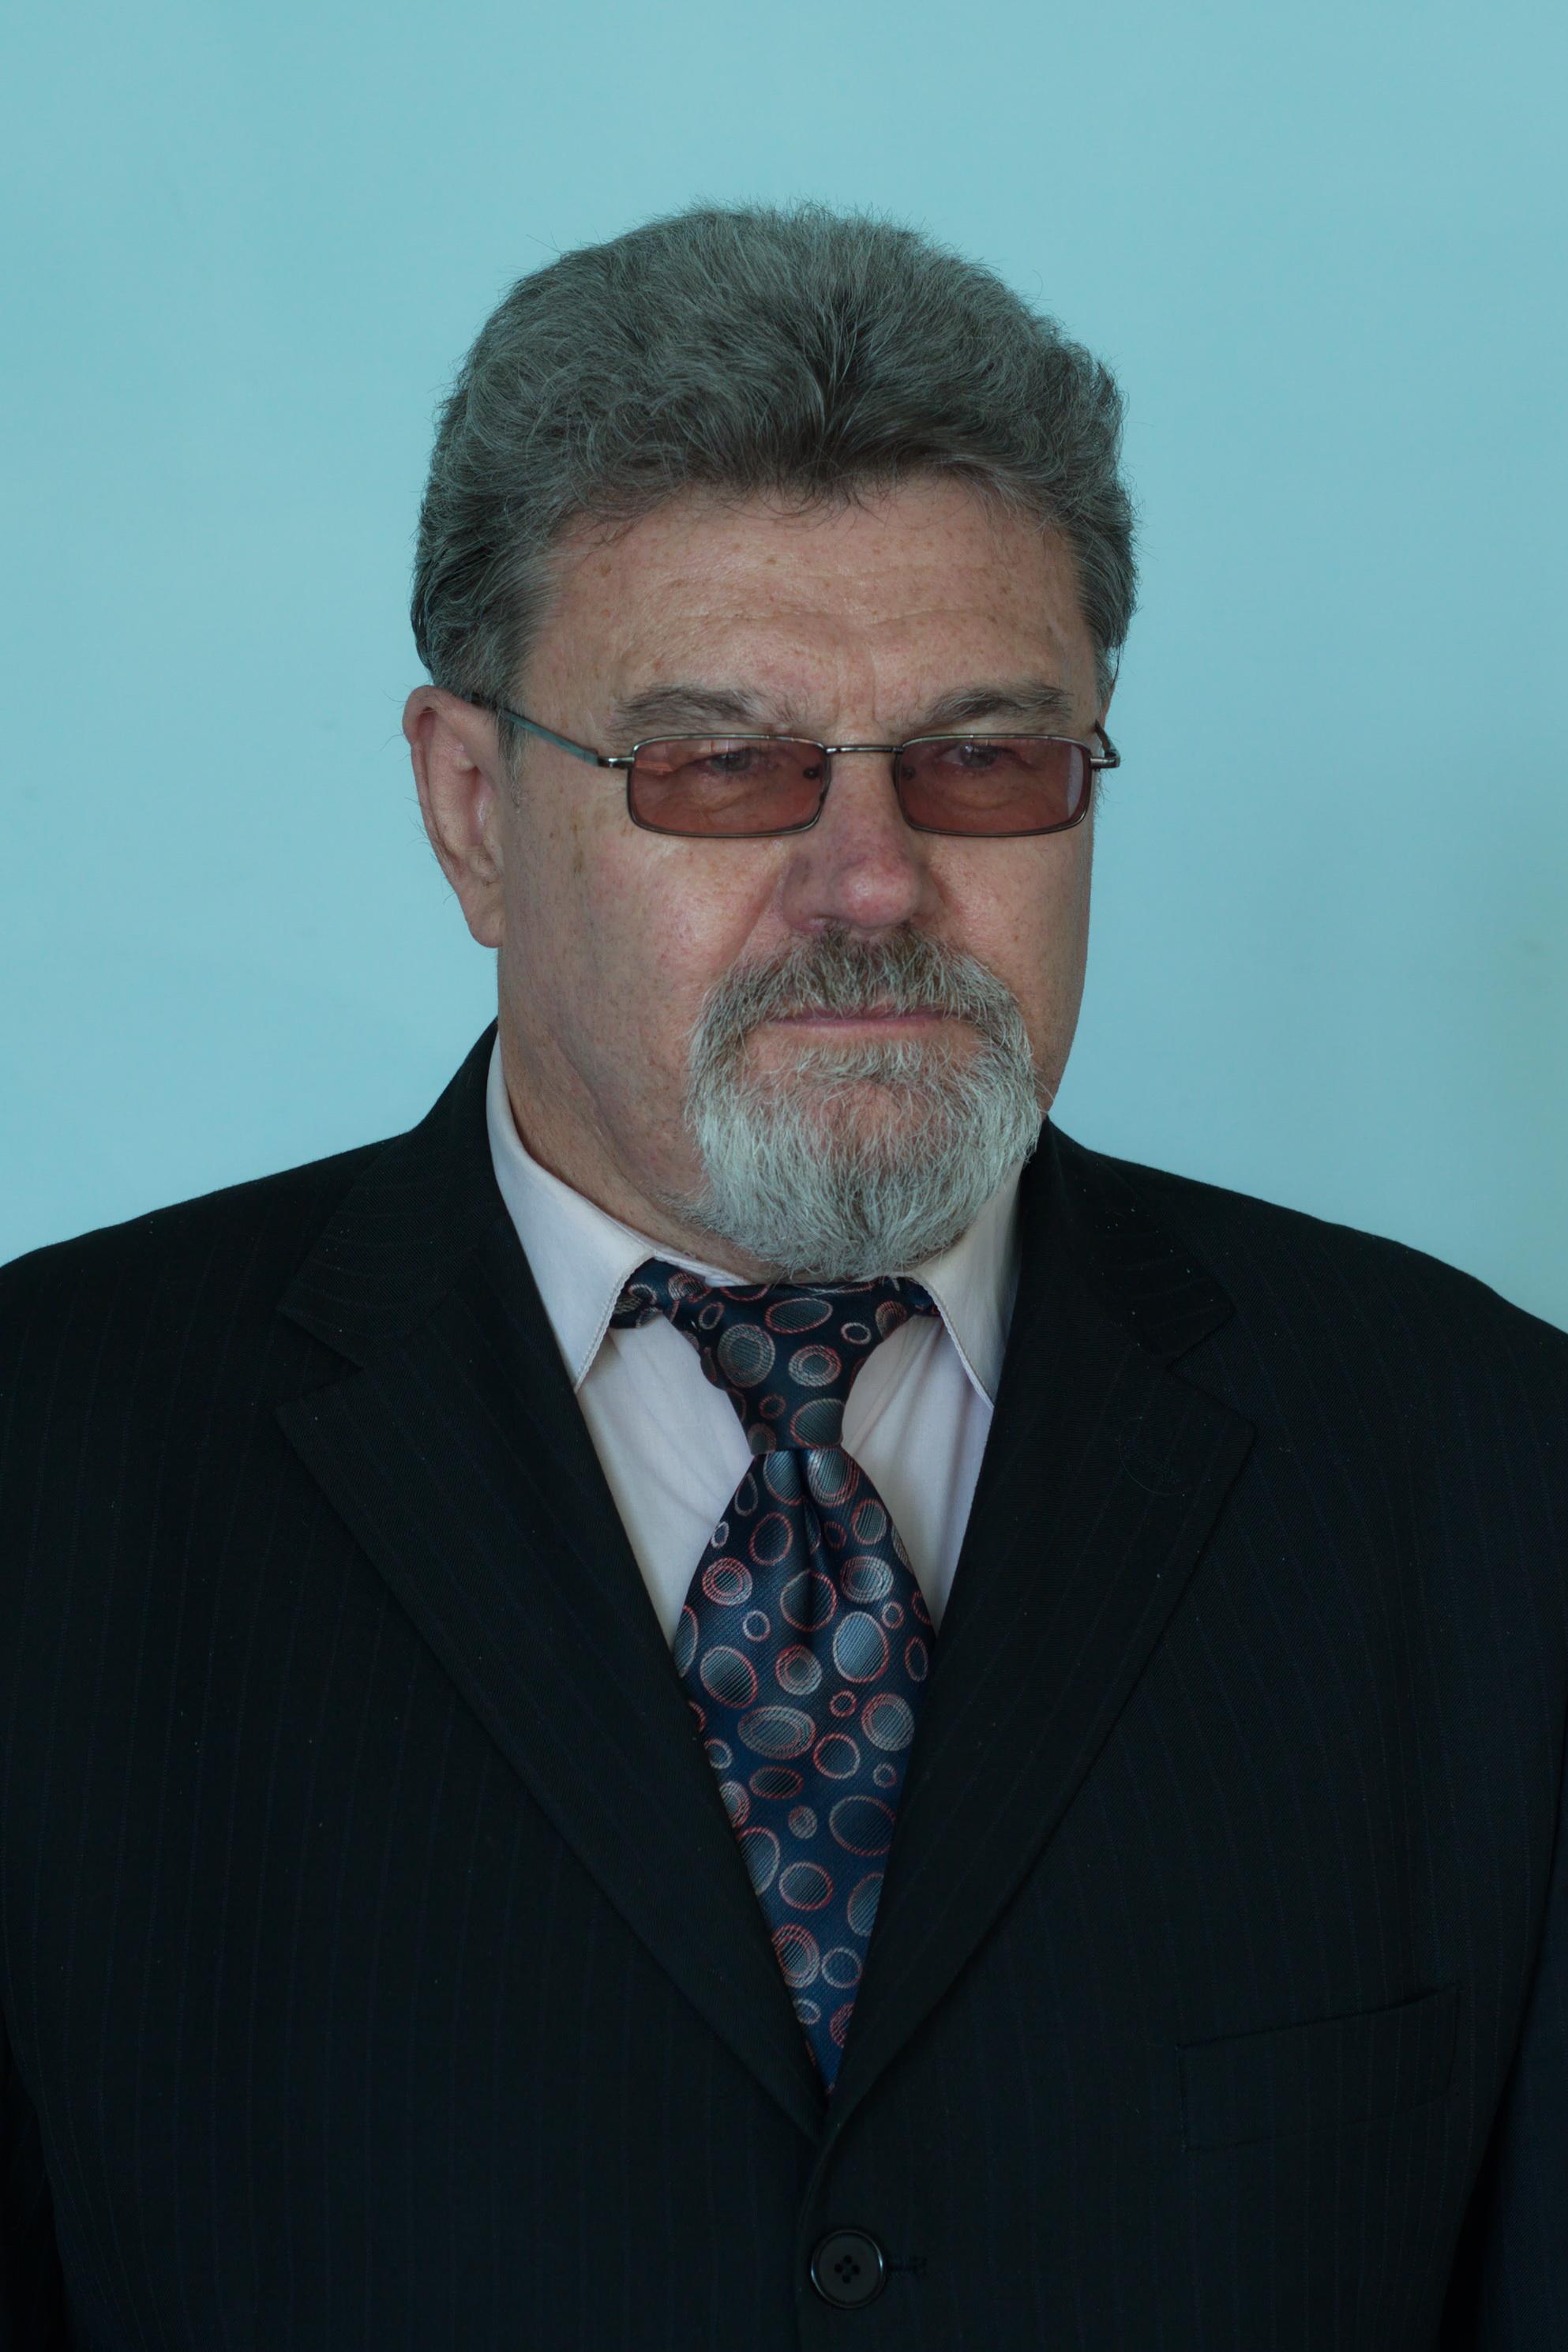 Митрохін Олександр Анатолійович